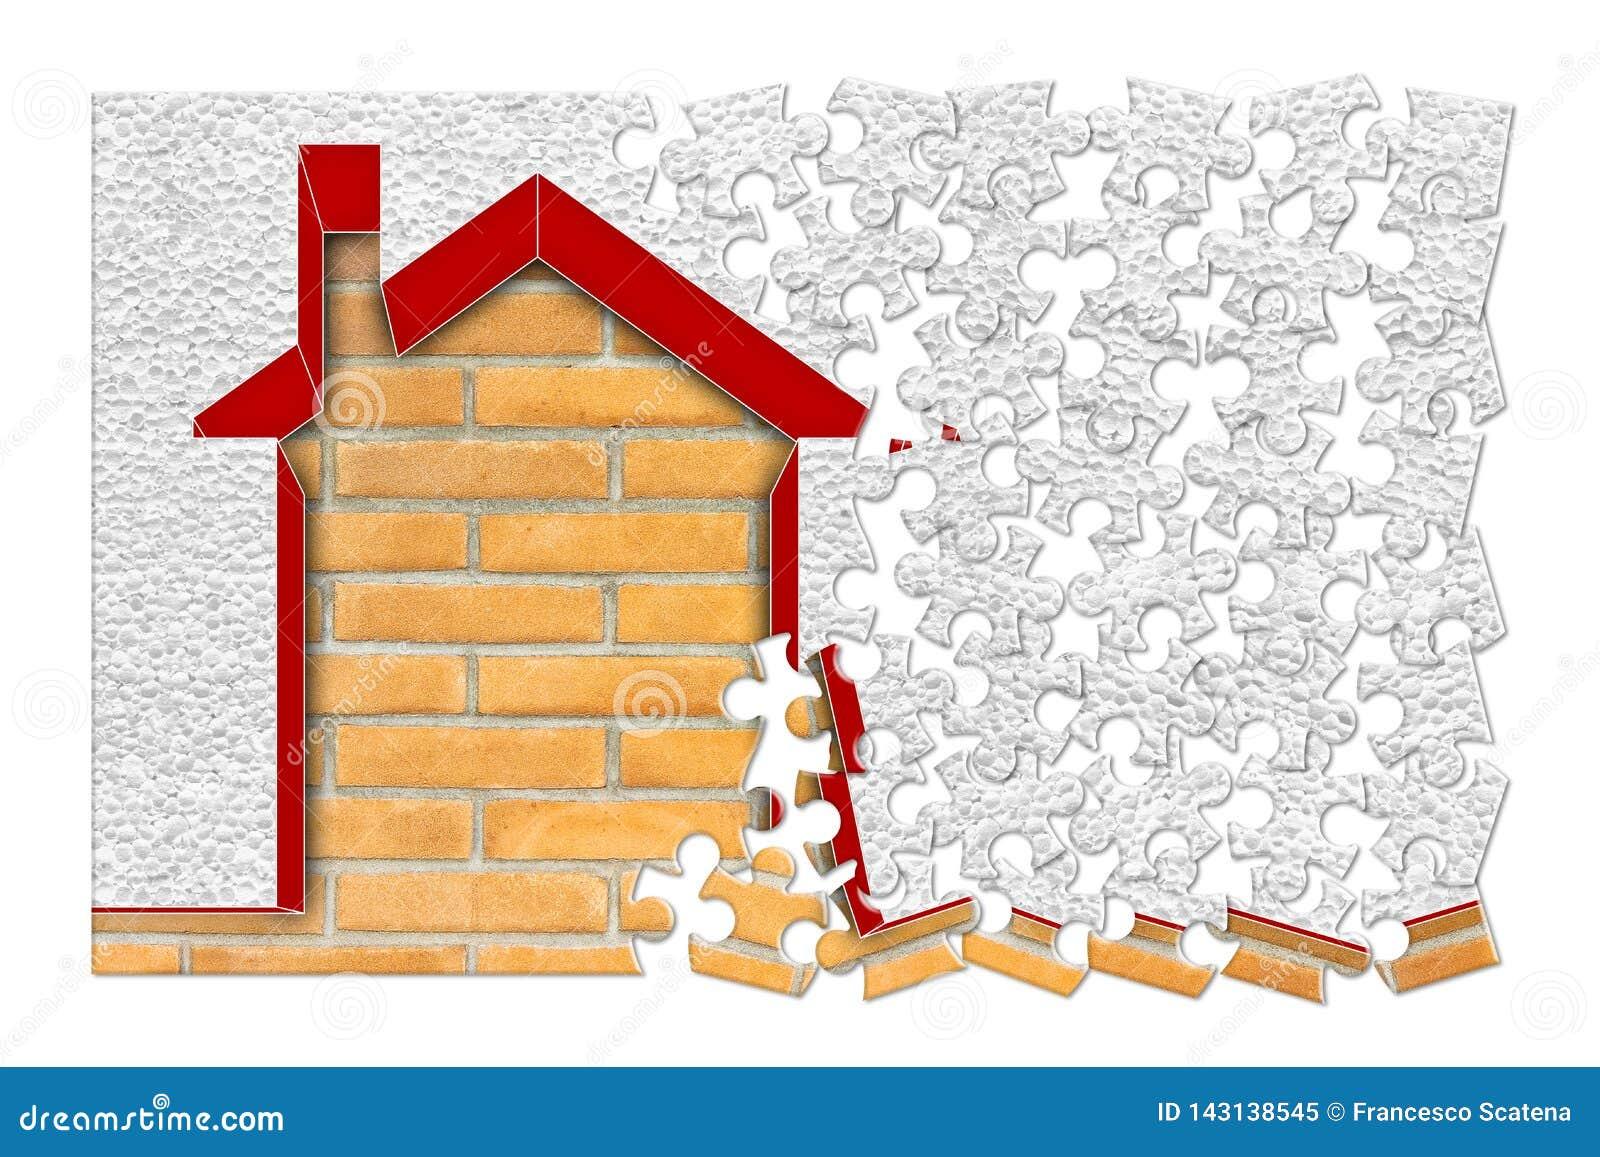 Gebäudeenergieeffizienz-Konzeptbild - 3D übertragen nach Hause thermisch isoliert mit Polystyrenwänden - Konzept im Puzzlen